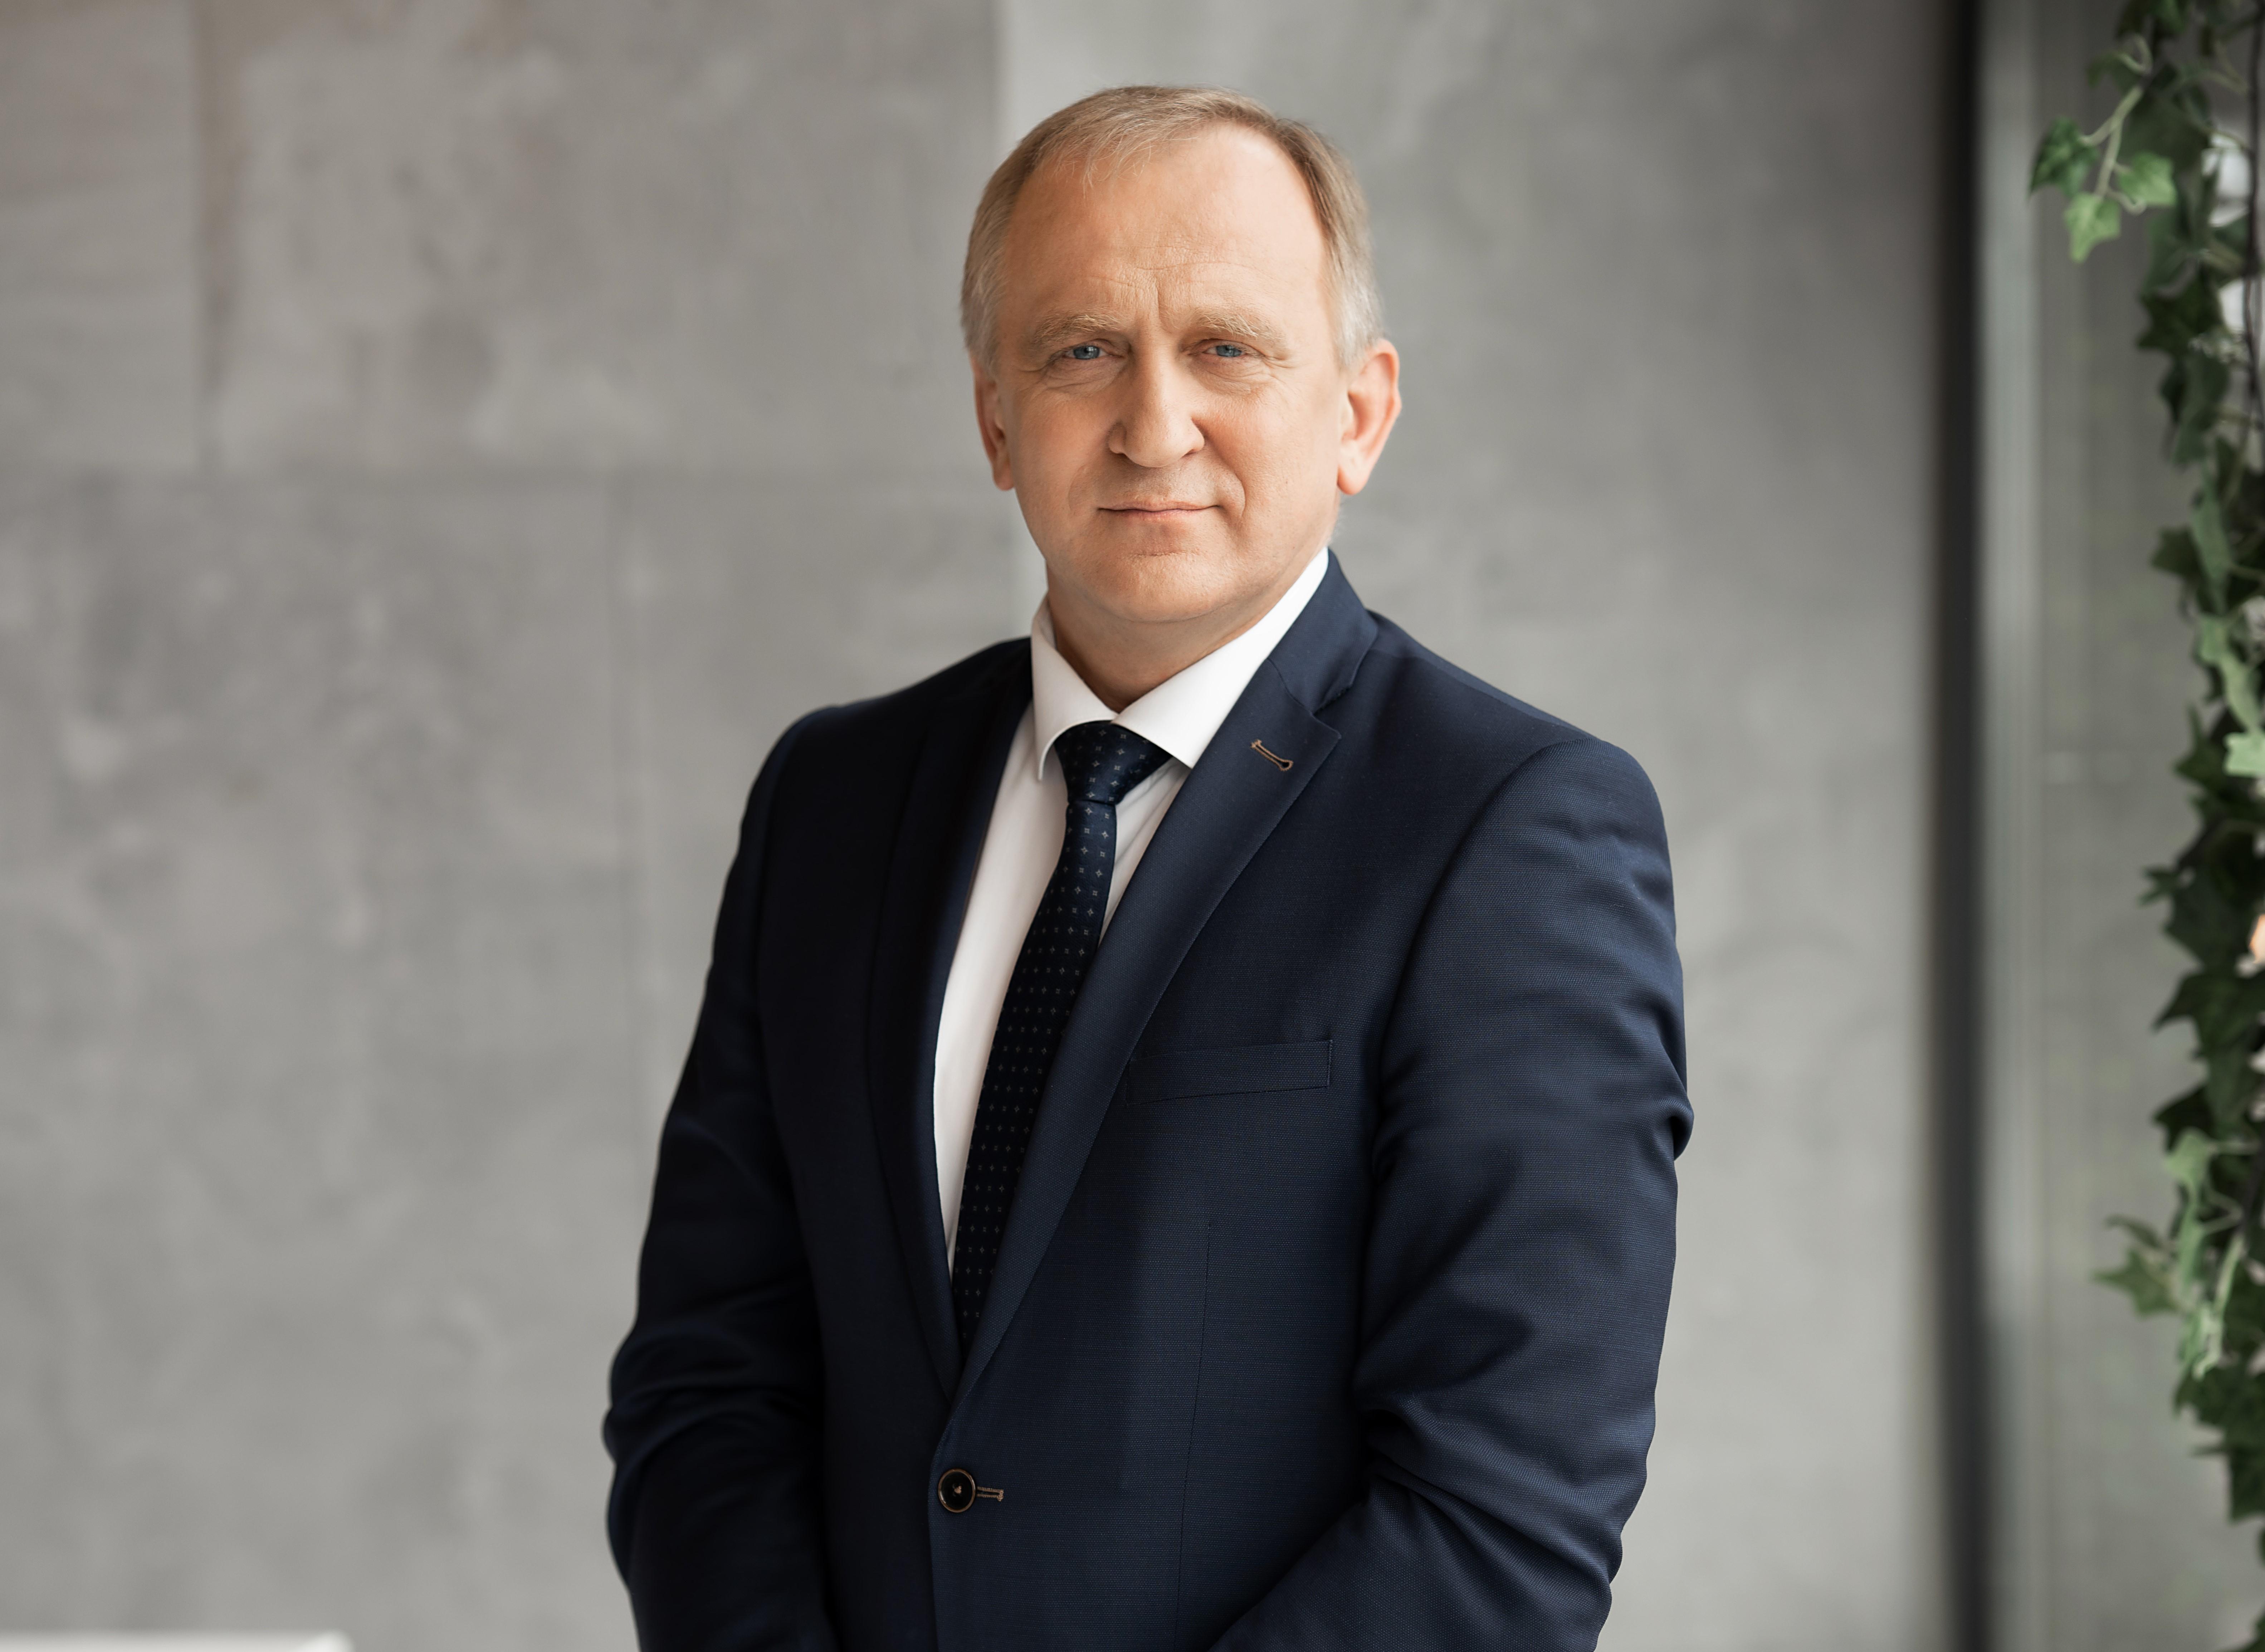 Валерій Ноздрін: Створення систем накопичення енергії на об'єктах «Укргідроенерго» сприятиме інтеграції ОЕСУ до ENTSO-E